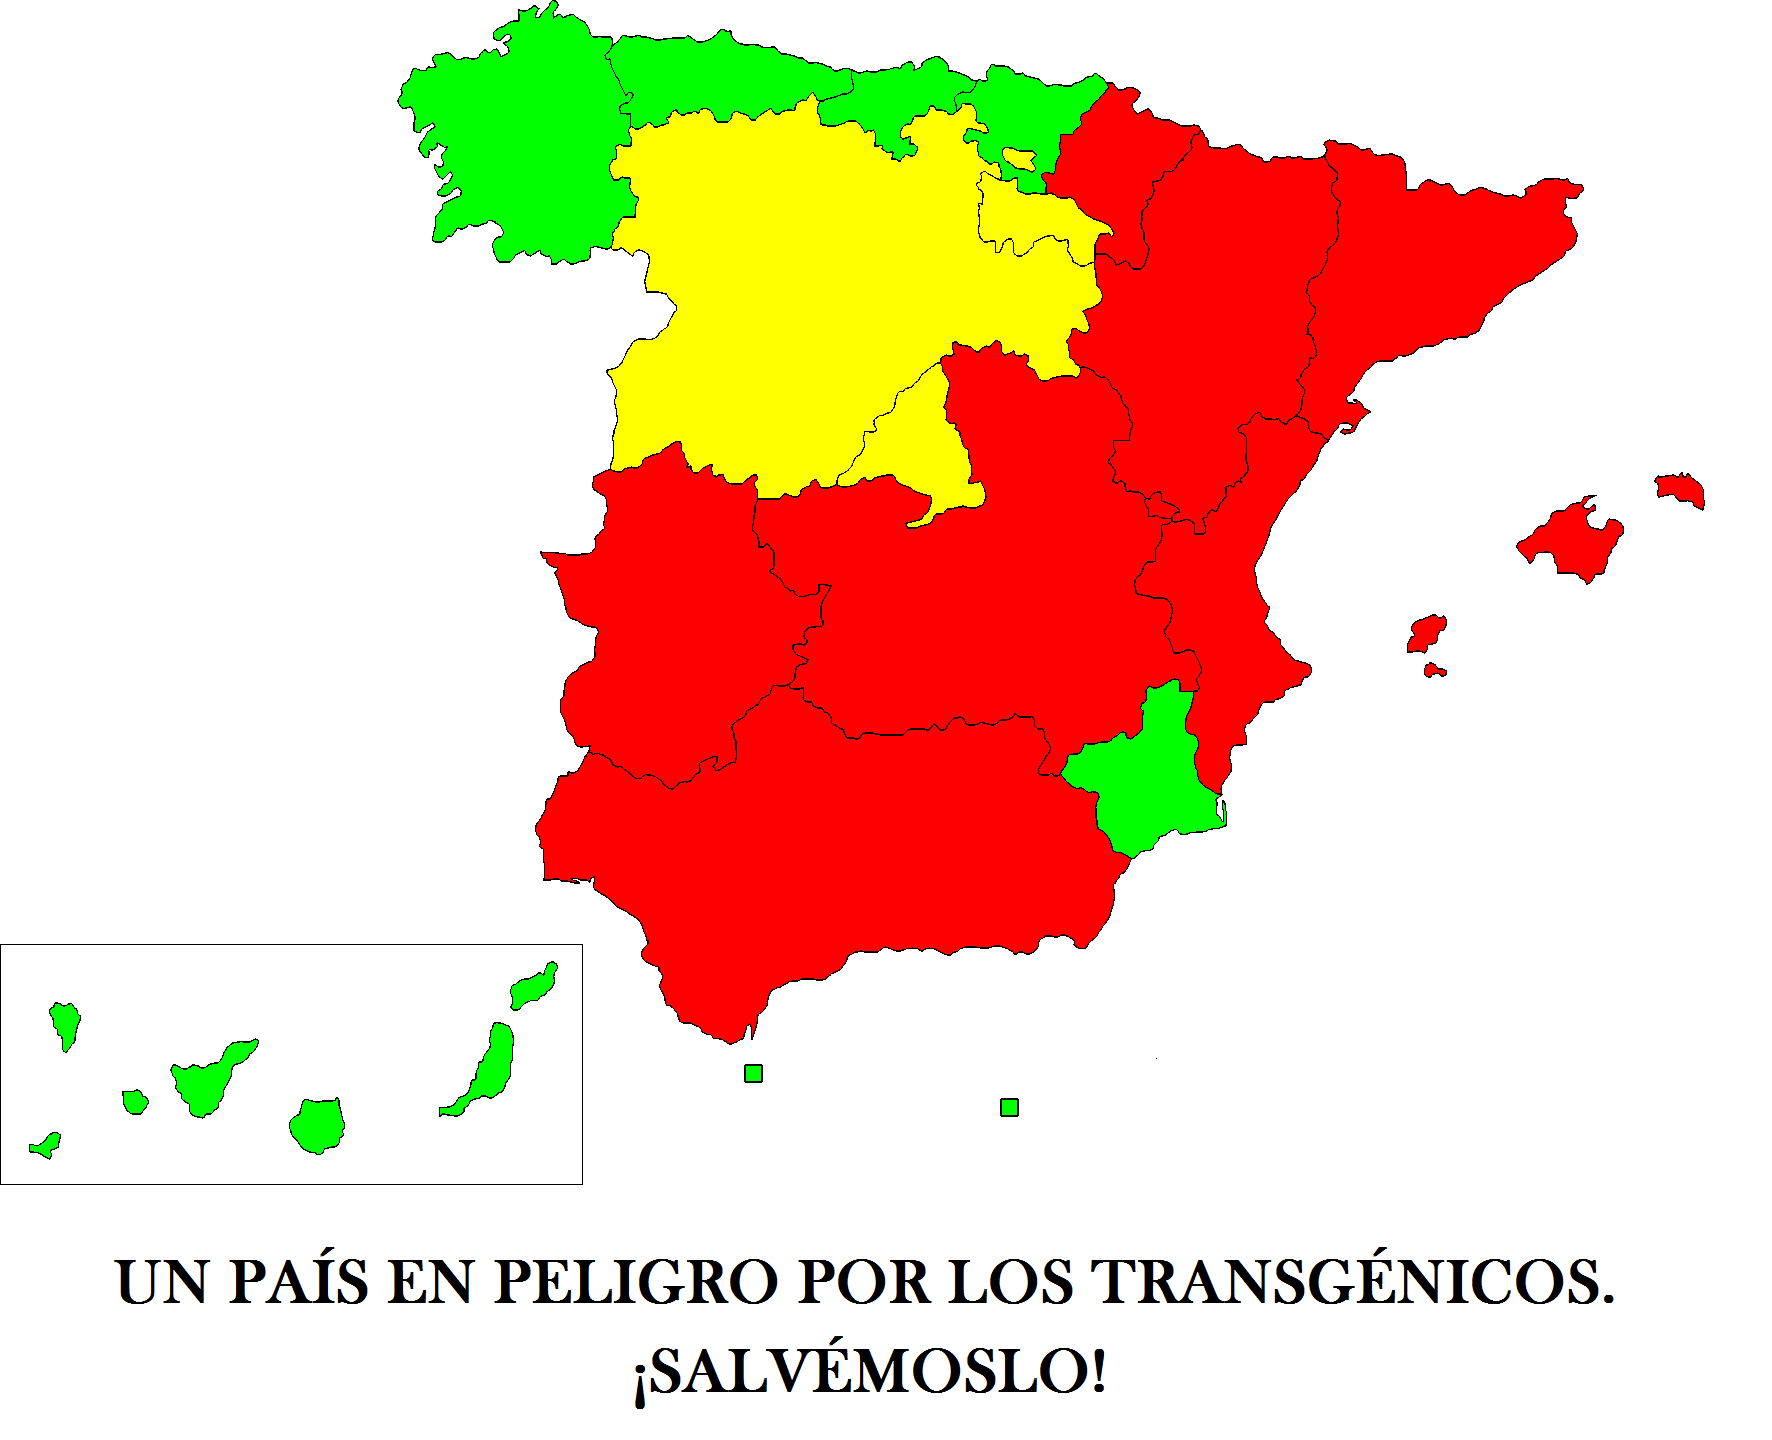 Los transgénicos en España